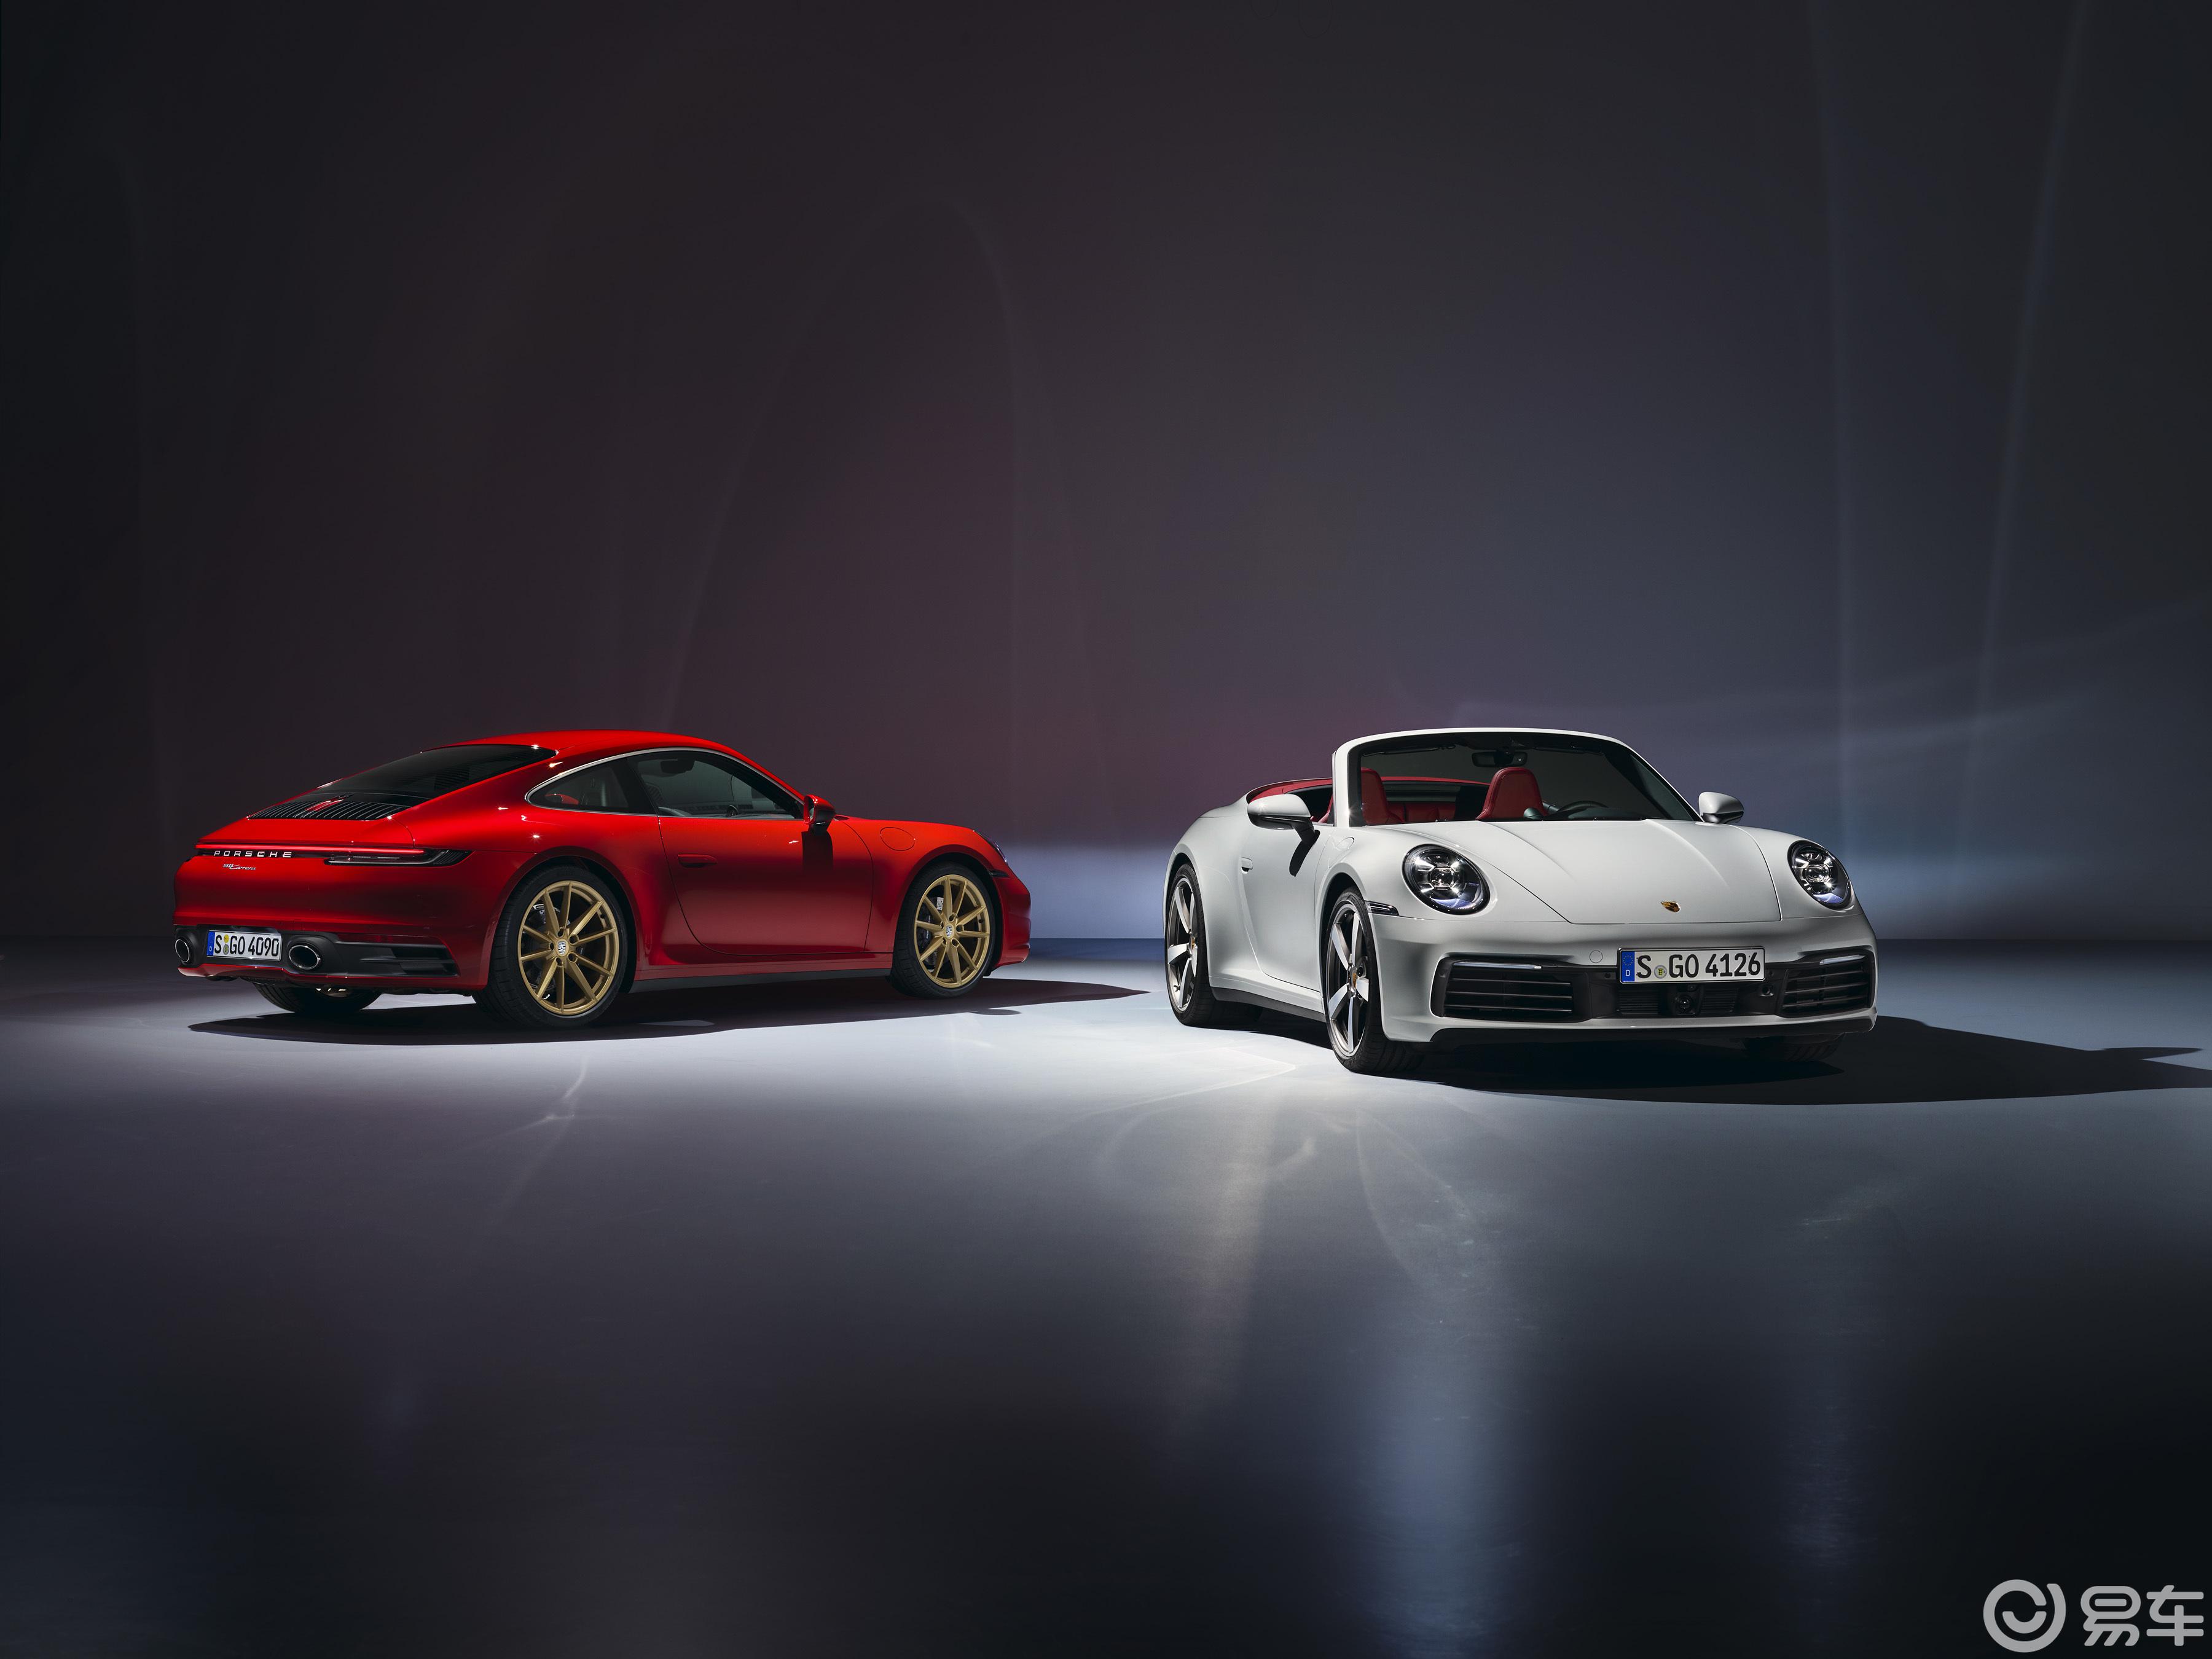 126.5万元起售,全新911来了,带红外线夜视辅助系统